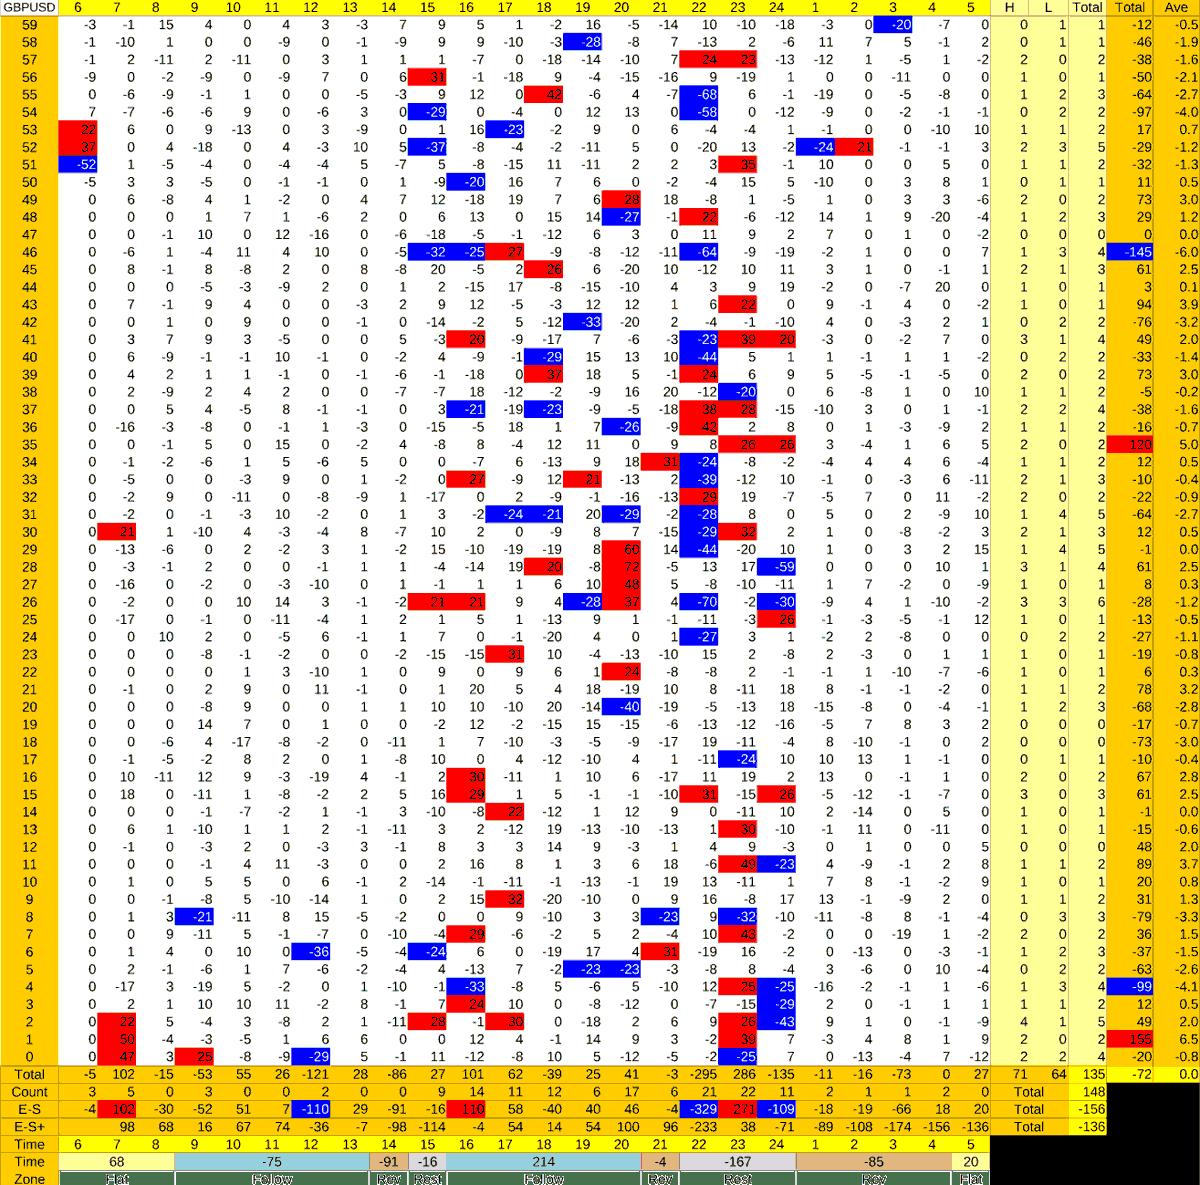 20210816_HS(2)GBPUSD-min